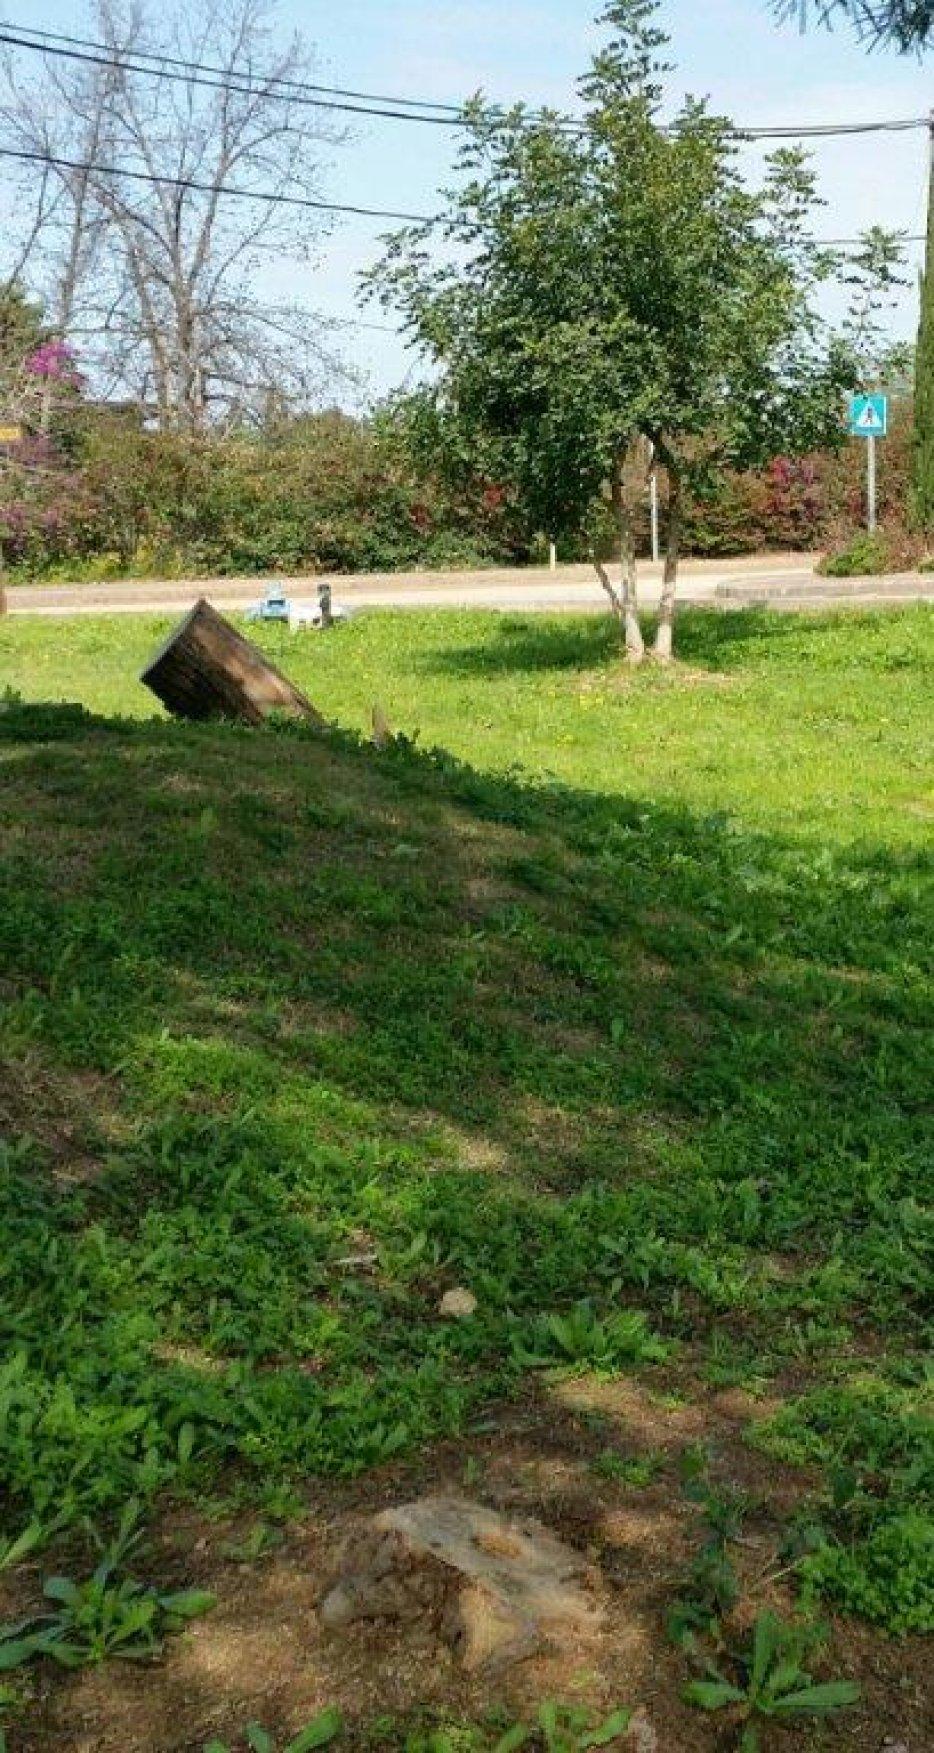 החרוב בגן המייסדים וגזעים של עצי התאנה שנגדעו. צילום: ליליק